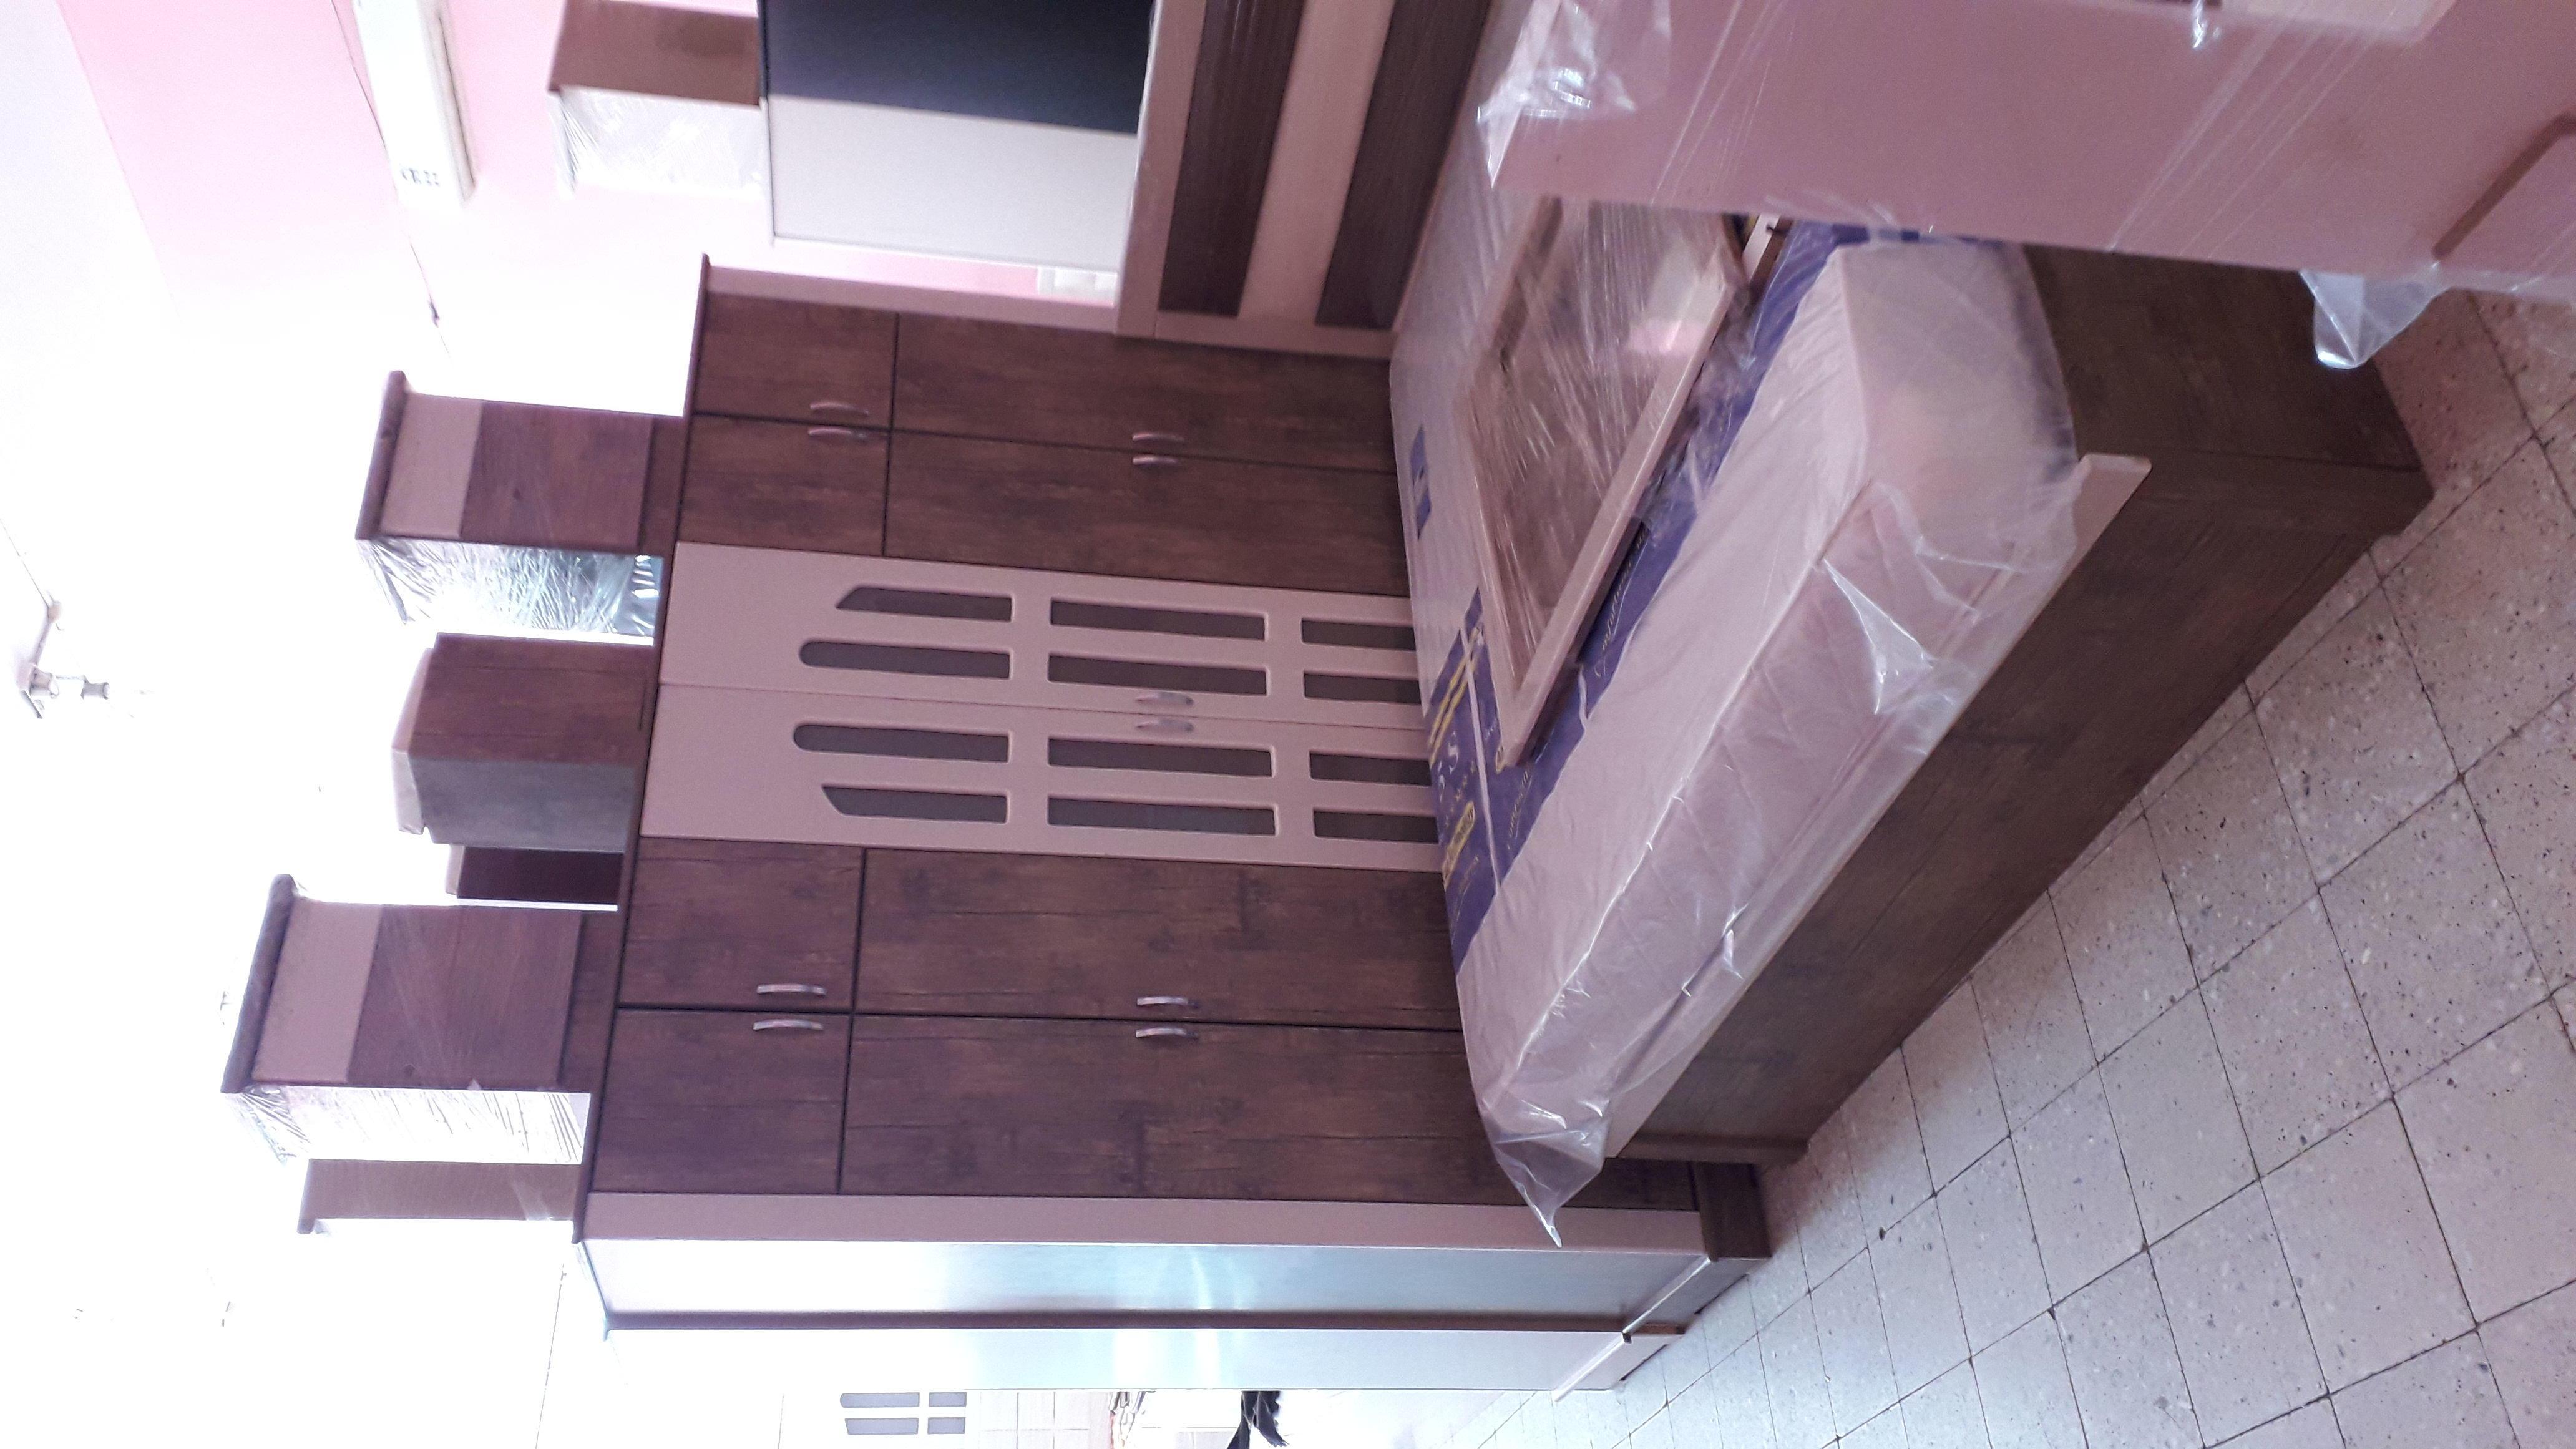 غرف نوم جديده مع التوصيل والتركيب داخل الطايف